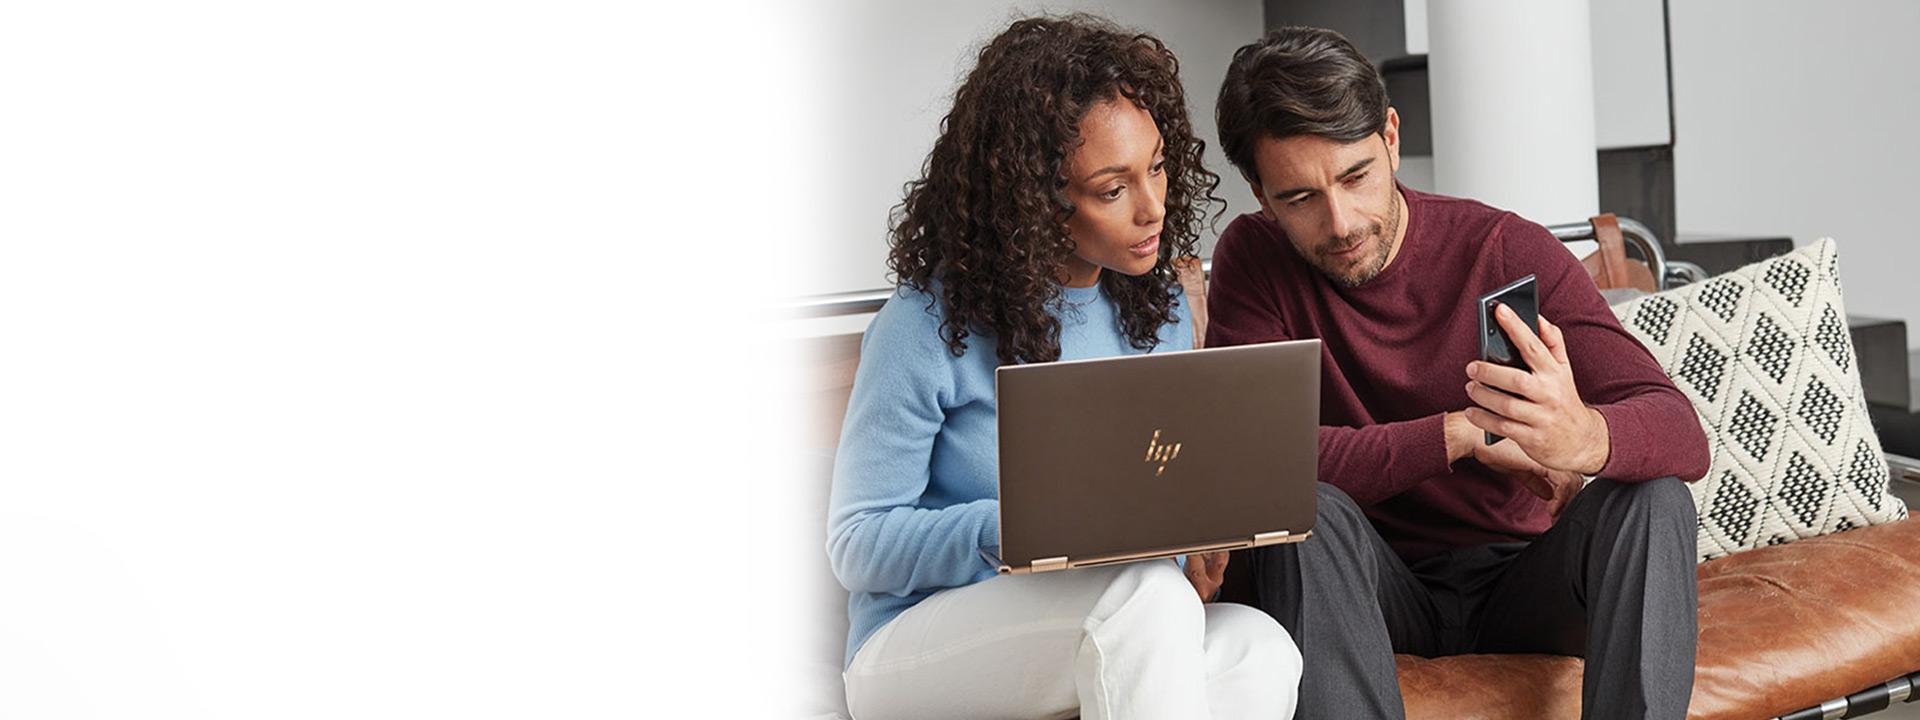 Una mujer y un hombre, sentados en un sofá, miran juntos una portátil Windows 10 y dispositivo móvil